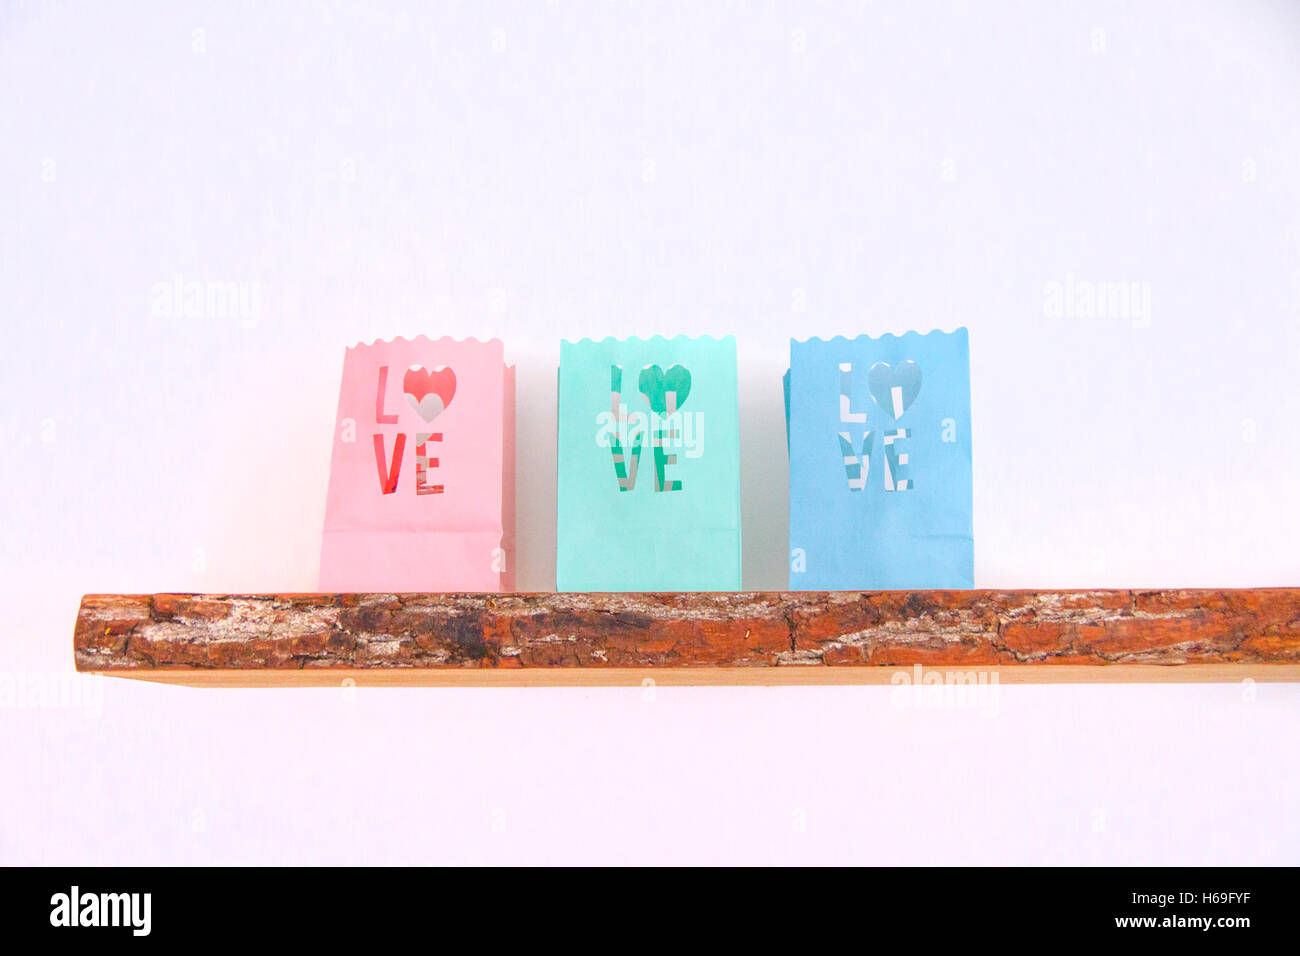 Mensole In Legno Colorate.Lumicino Sacchetti Amore Cuore In Legno Colorato Parete Della